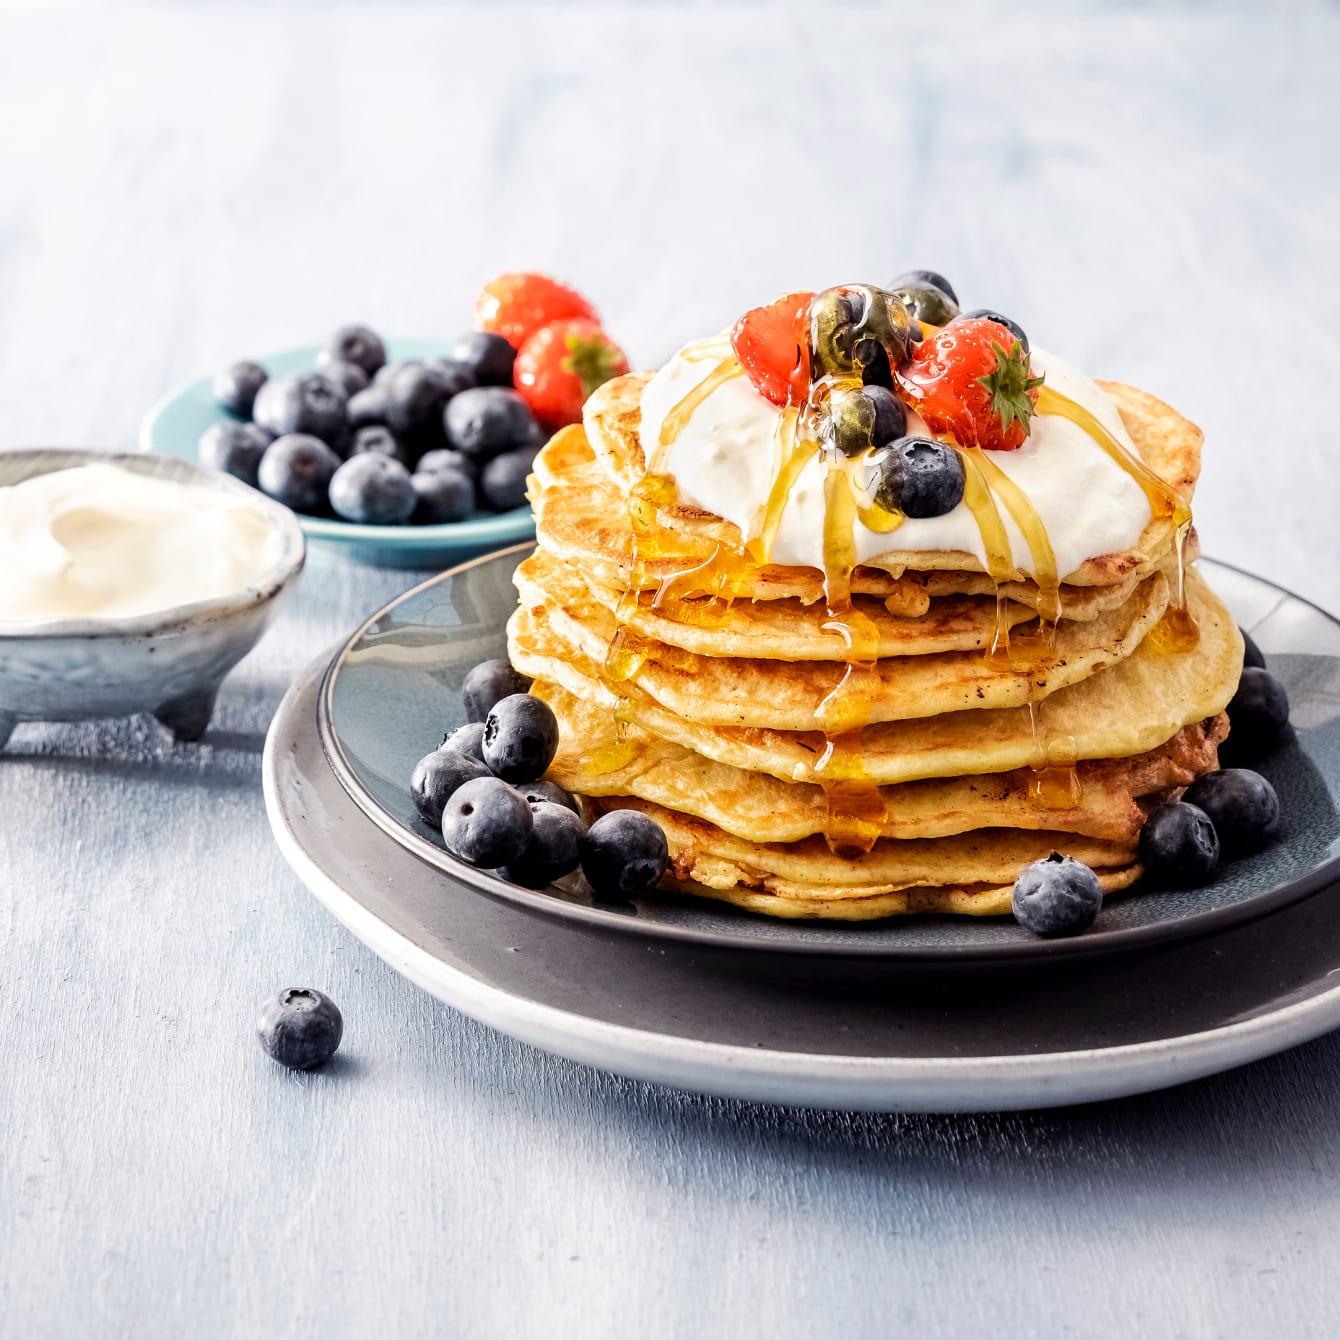 Rijstpannenkoekjes met vers fruit, yoghurt en honing